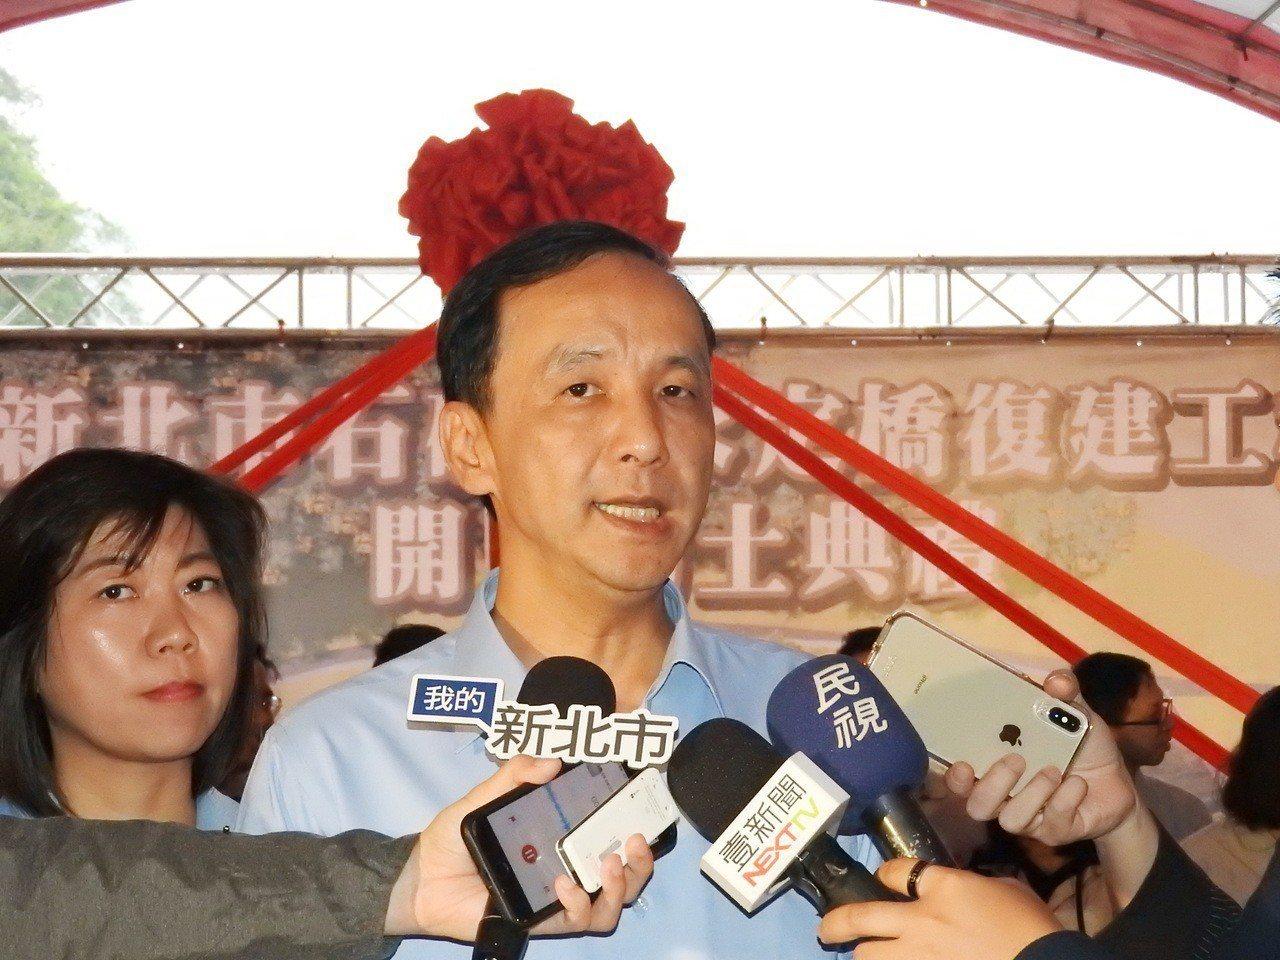 周刊昨爆料前台灣省議會議長高育仁曾在2007年間為中廣出售一事,寫信給時任國民黨...